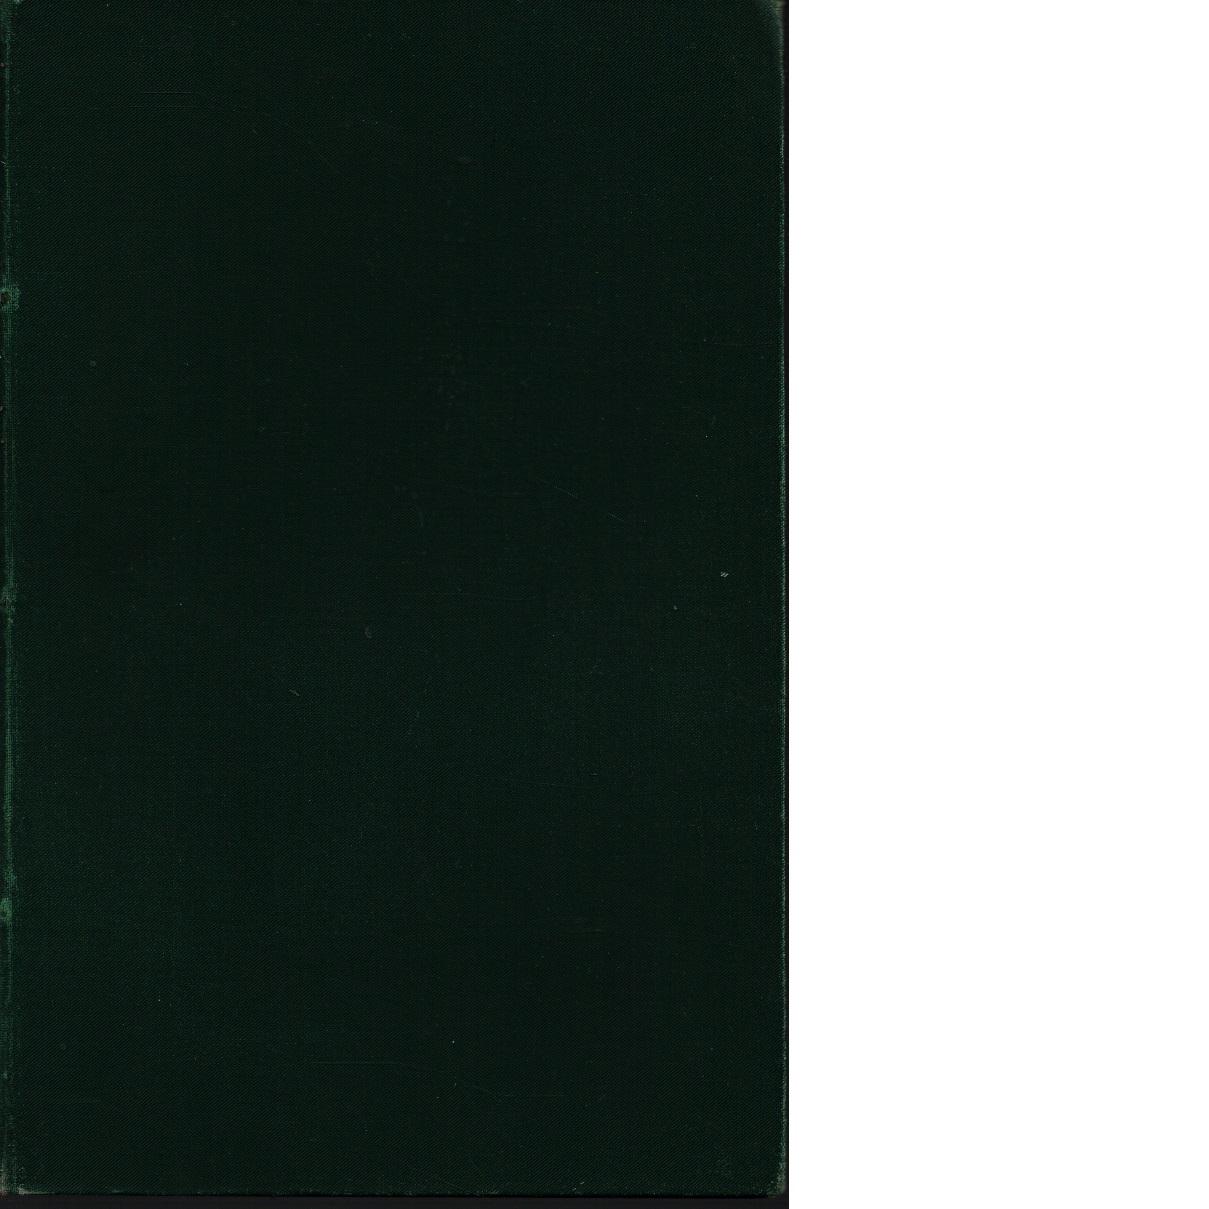 Handbok i zoologi I. delen : Skandinaviens däggdjur - Widegren, Hjalmar Och Holmgren, August Emil